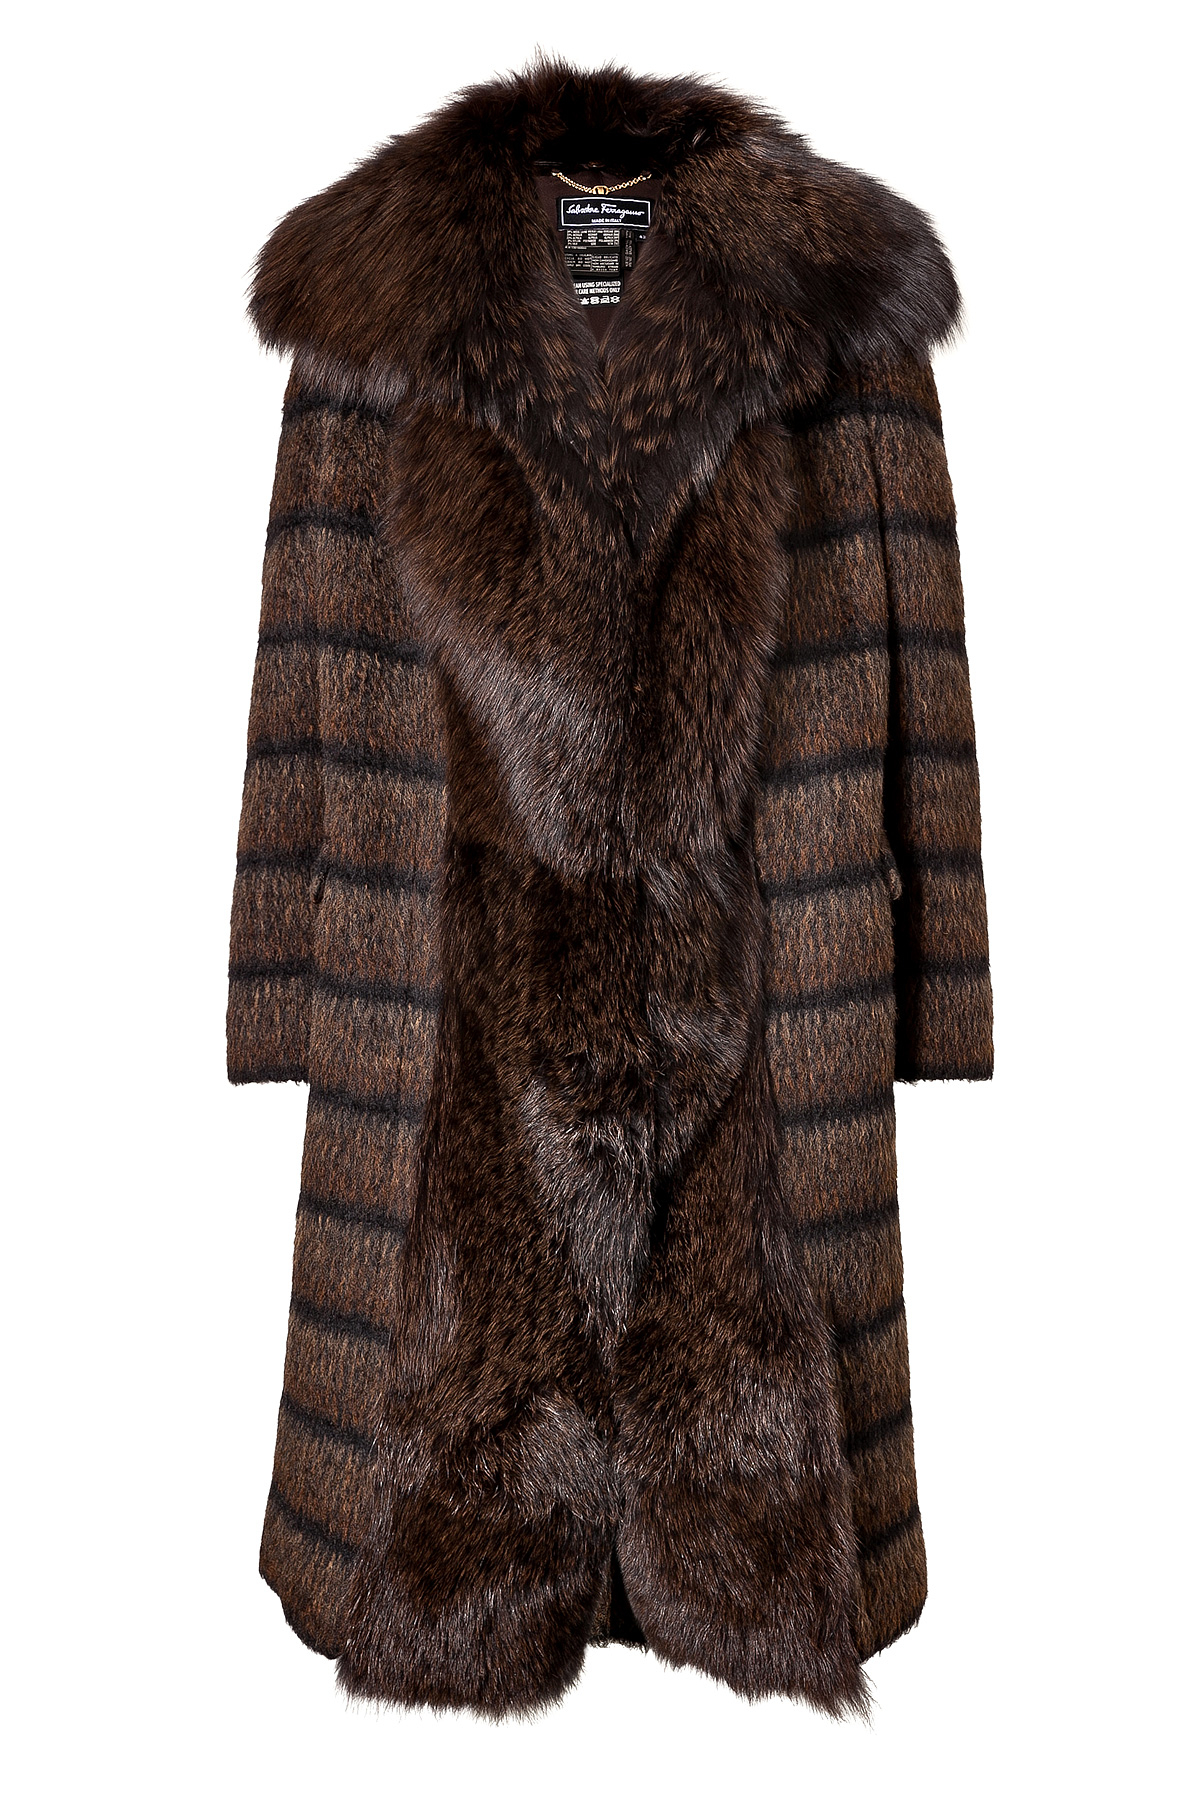 Ferragamo Wool Mohair Alpaca Coat With Fox Fur Front In